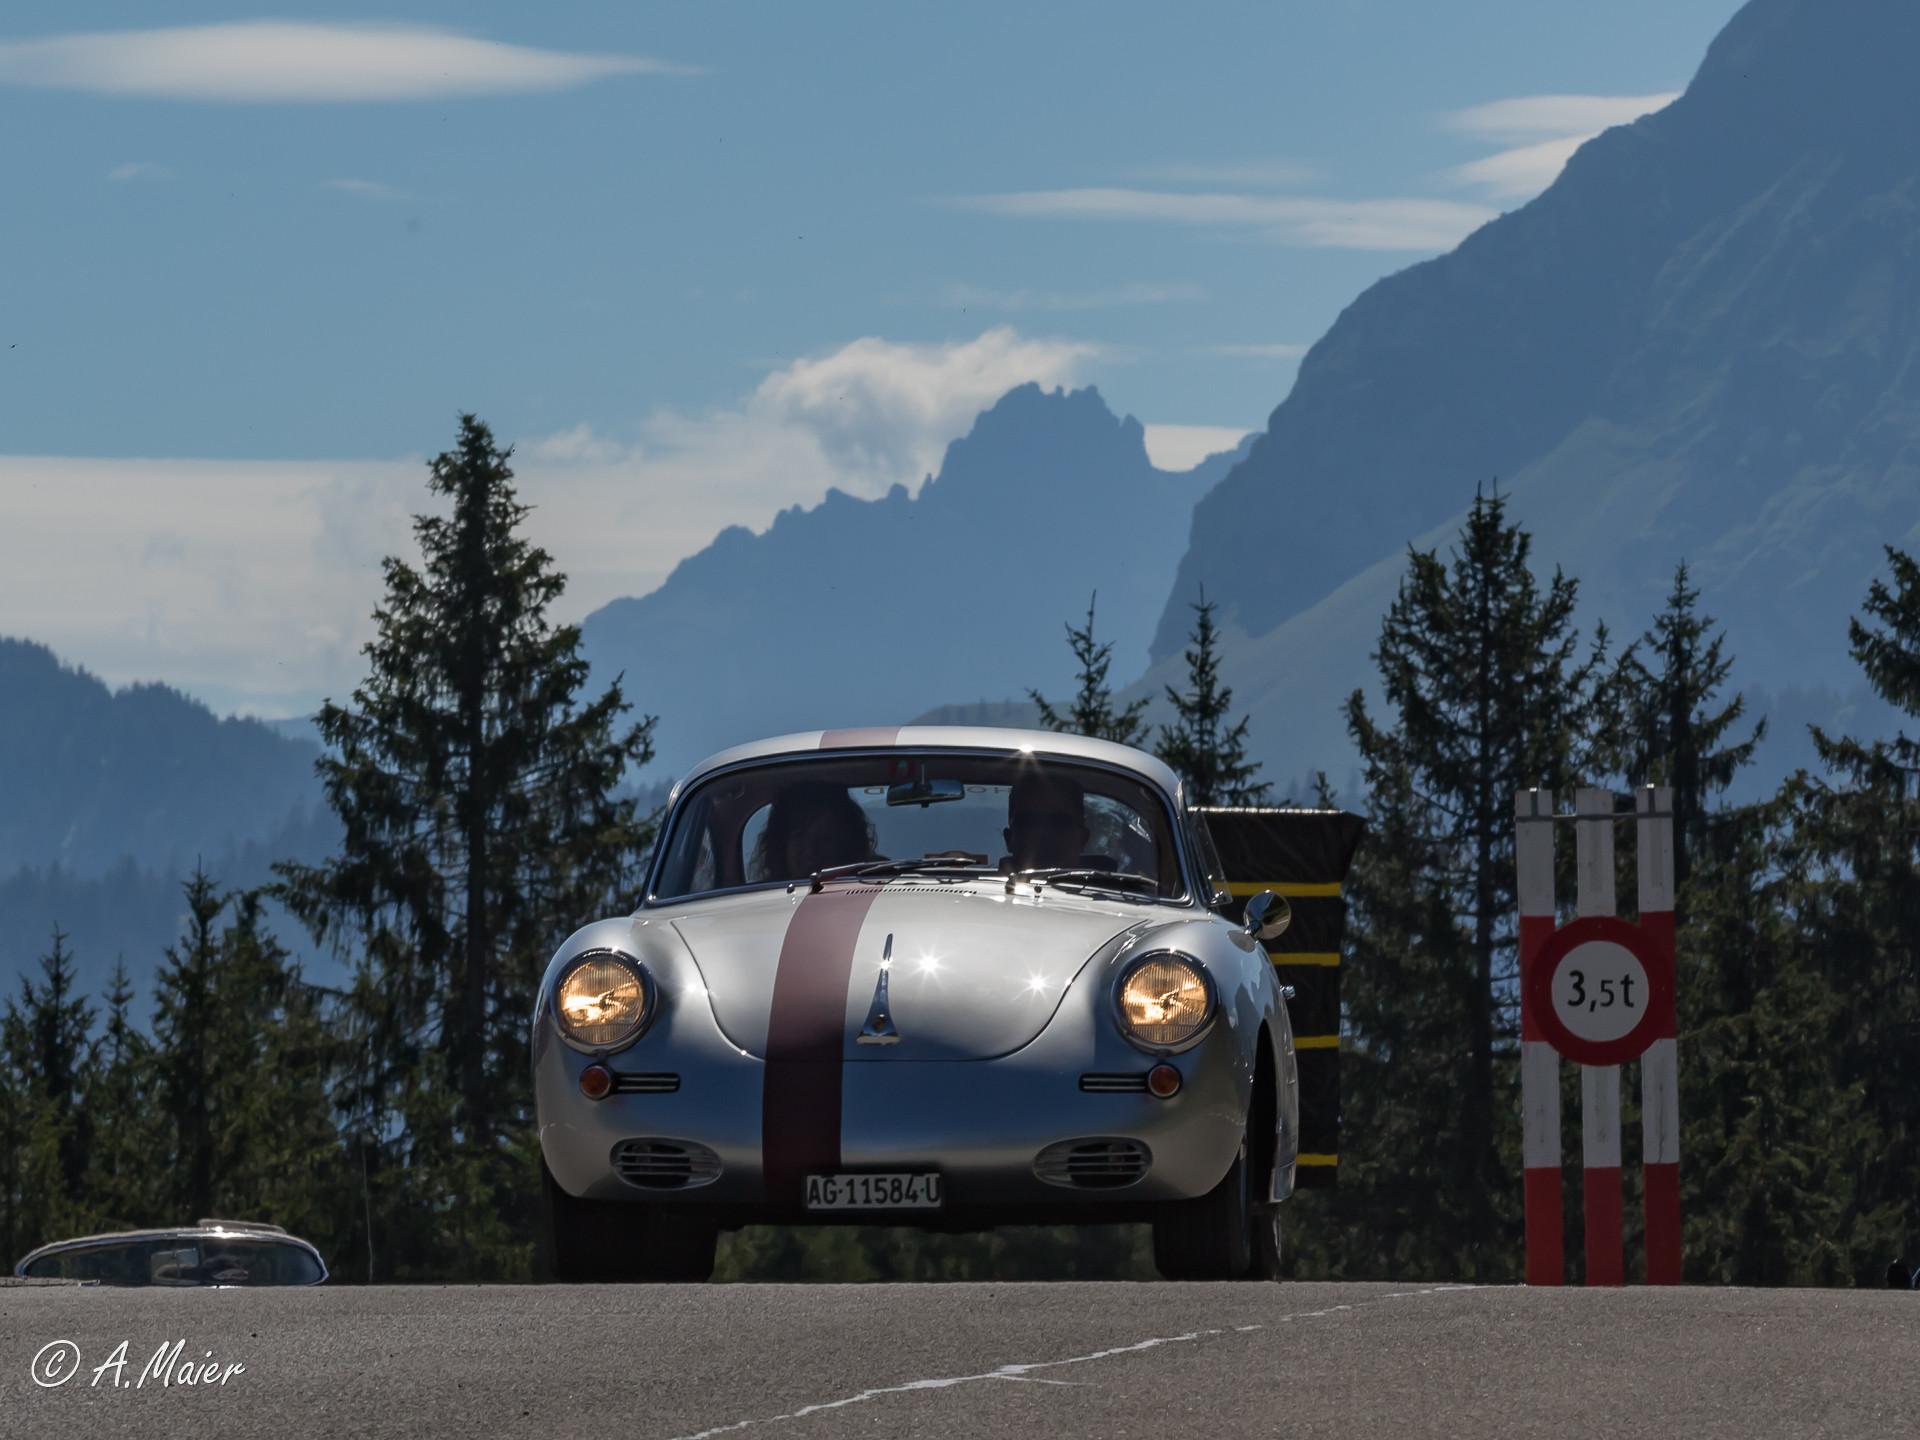 Klicke auf die Grafik für eine vergrößerte Ansicht  Name: 2020.07.05 Porsche 356 Schweiz-5.jpg Ansichten: 0 Größe: 565,3 KB ID: 11806574